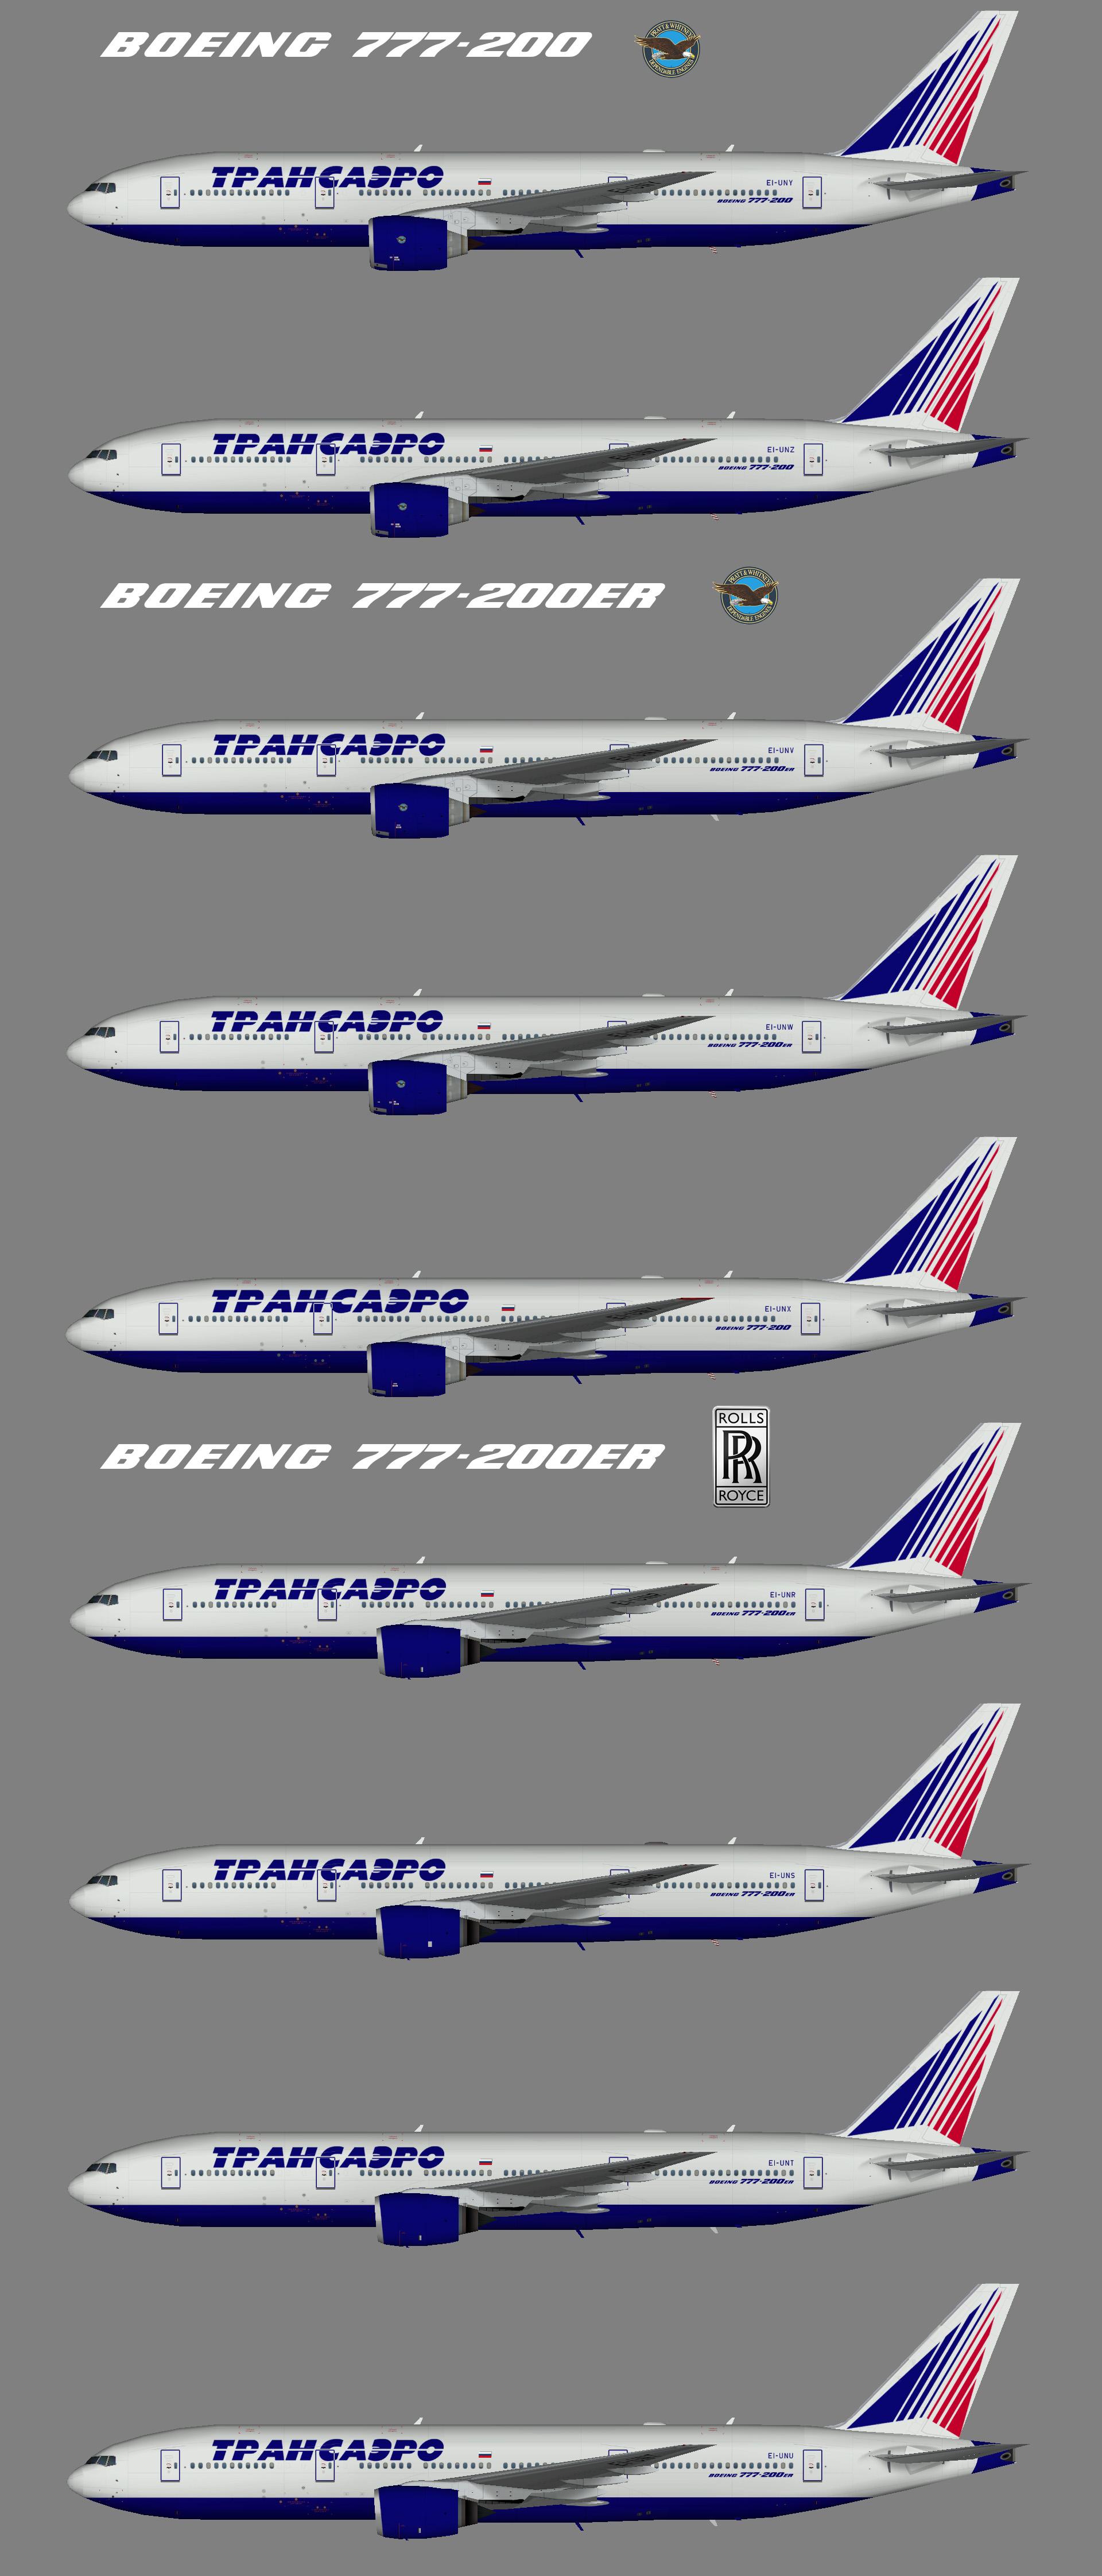 Transaero 777-200 fleet